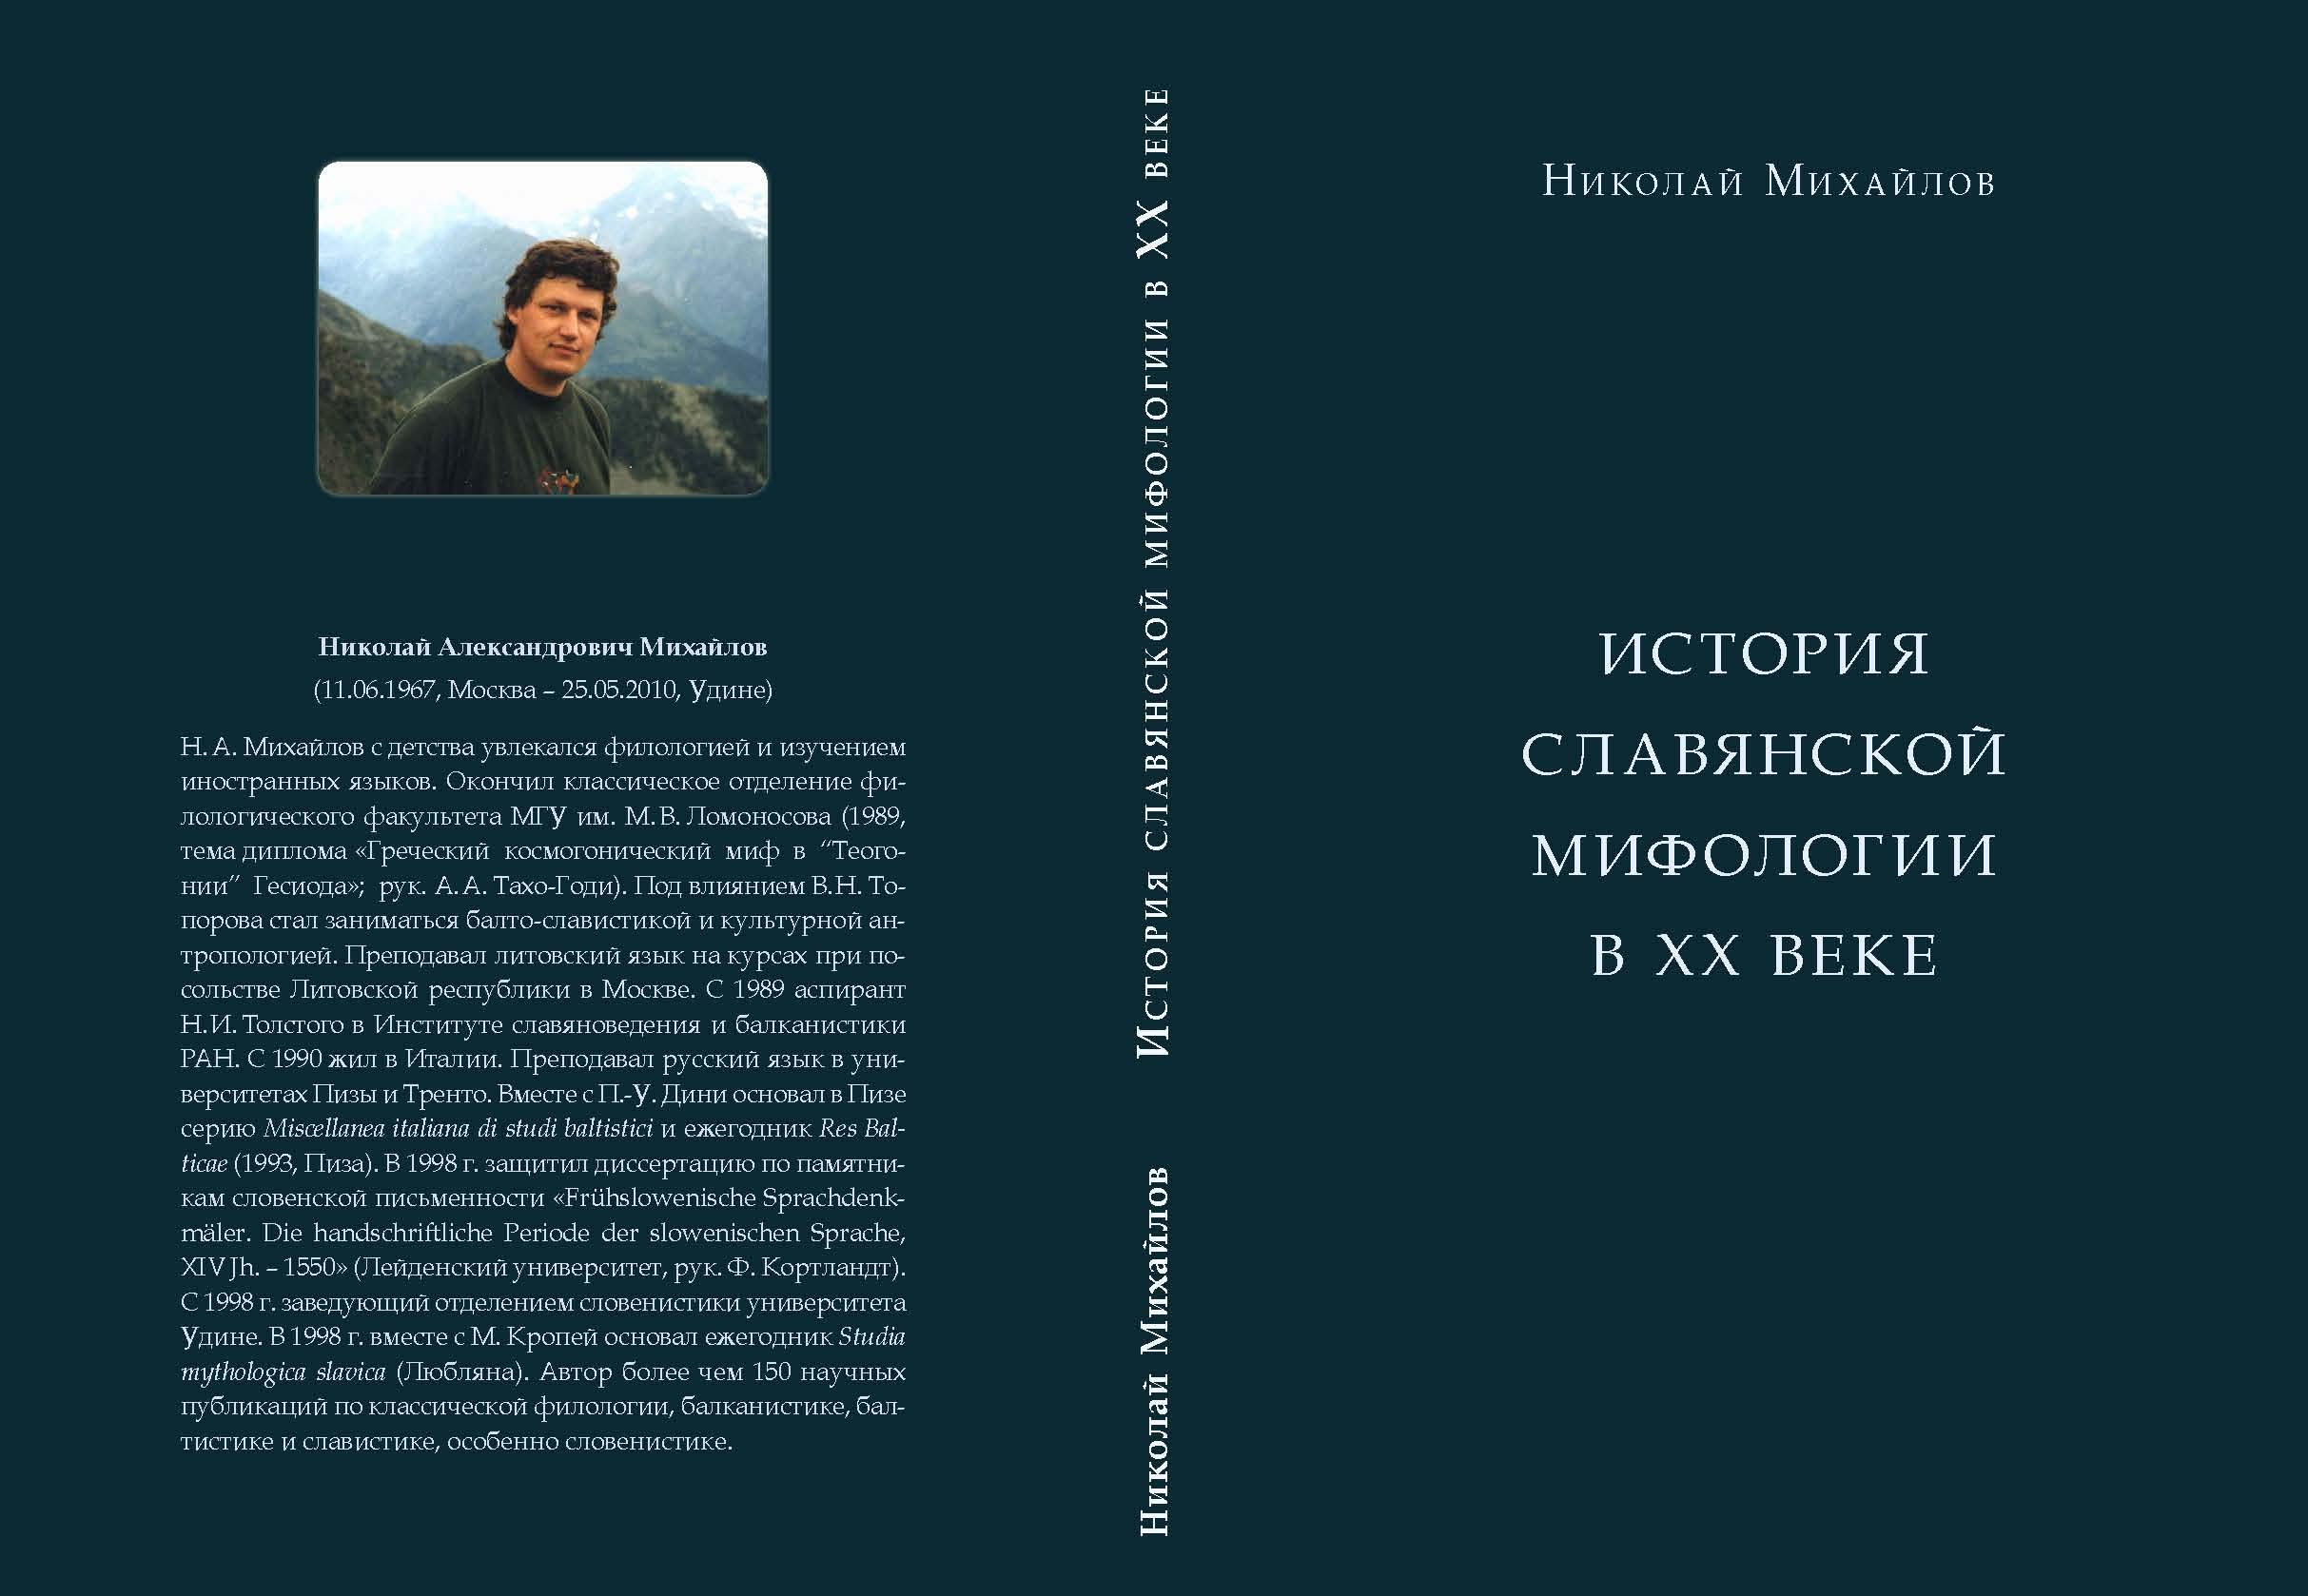 Леонид кораблев книги скачать